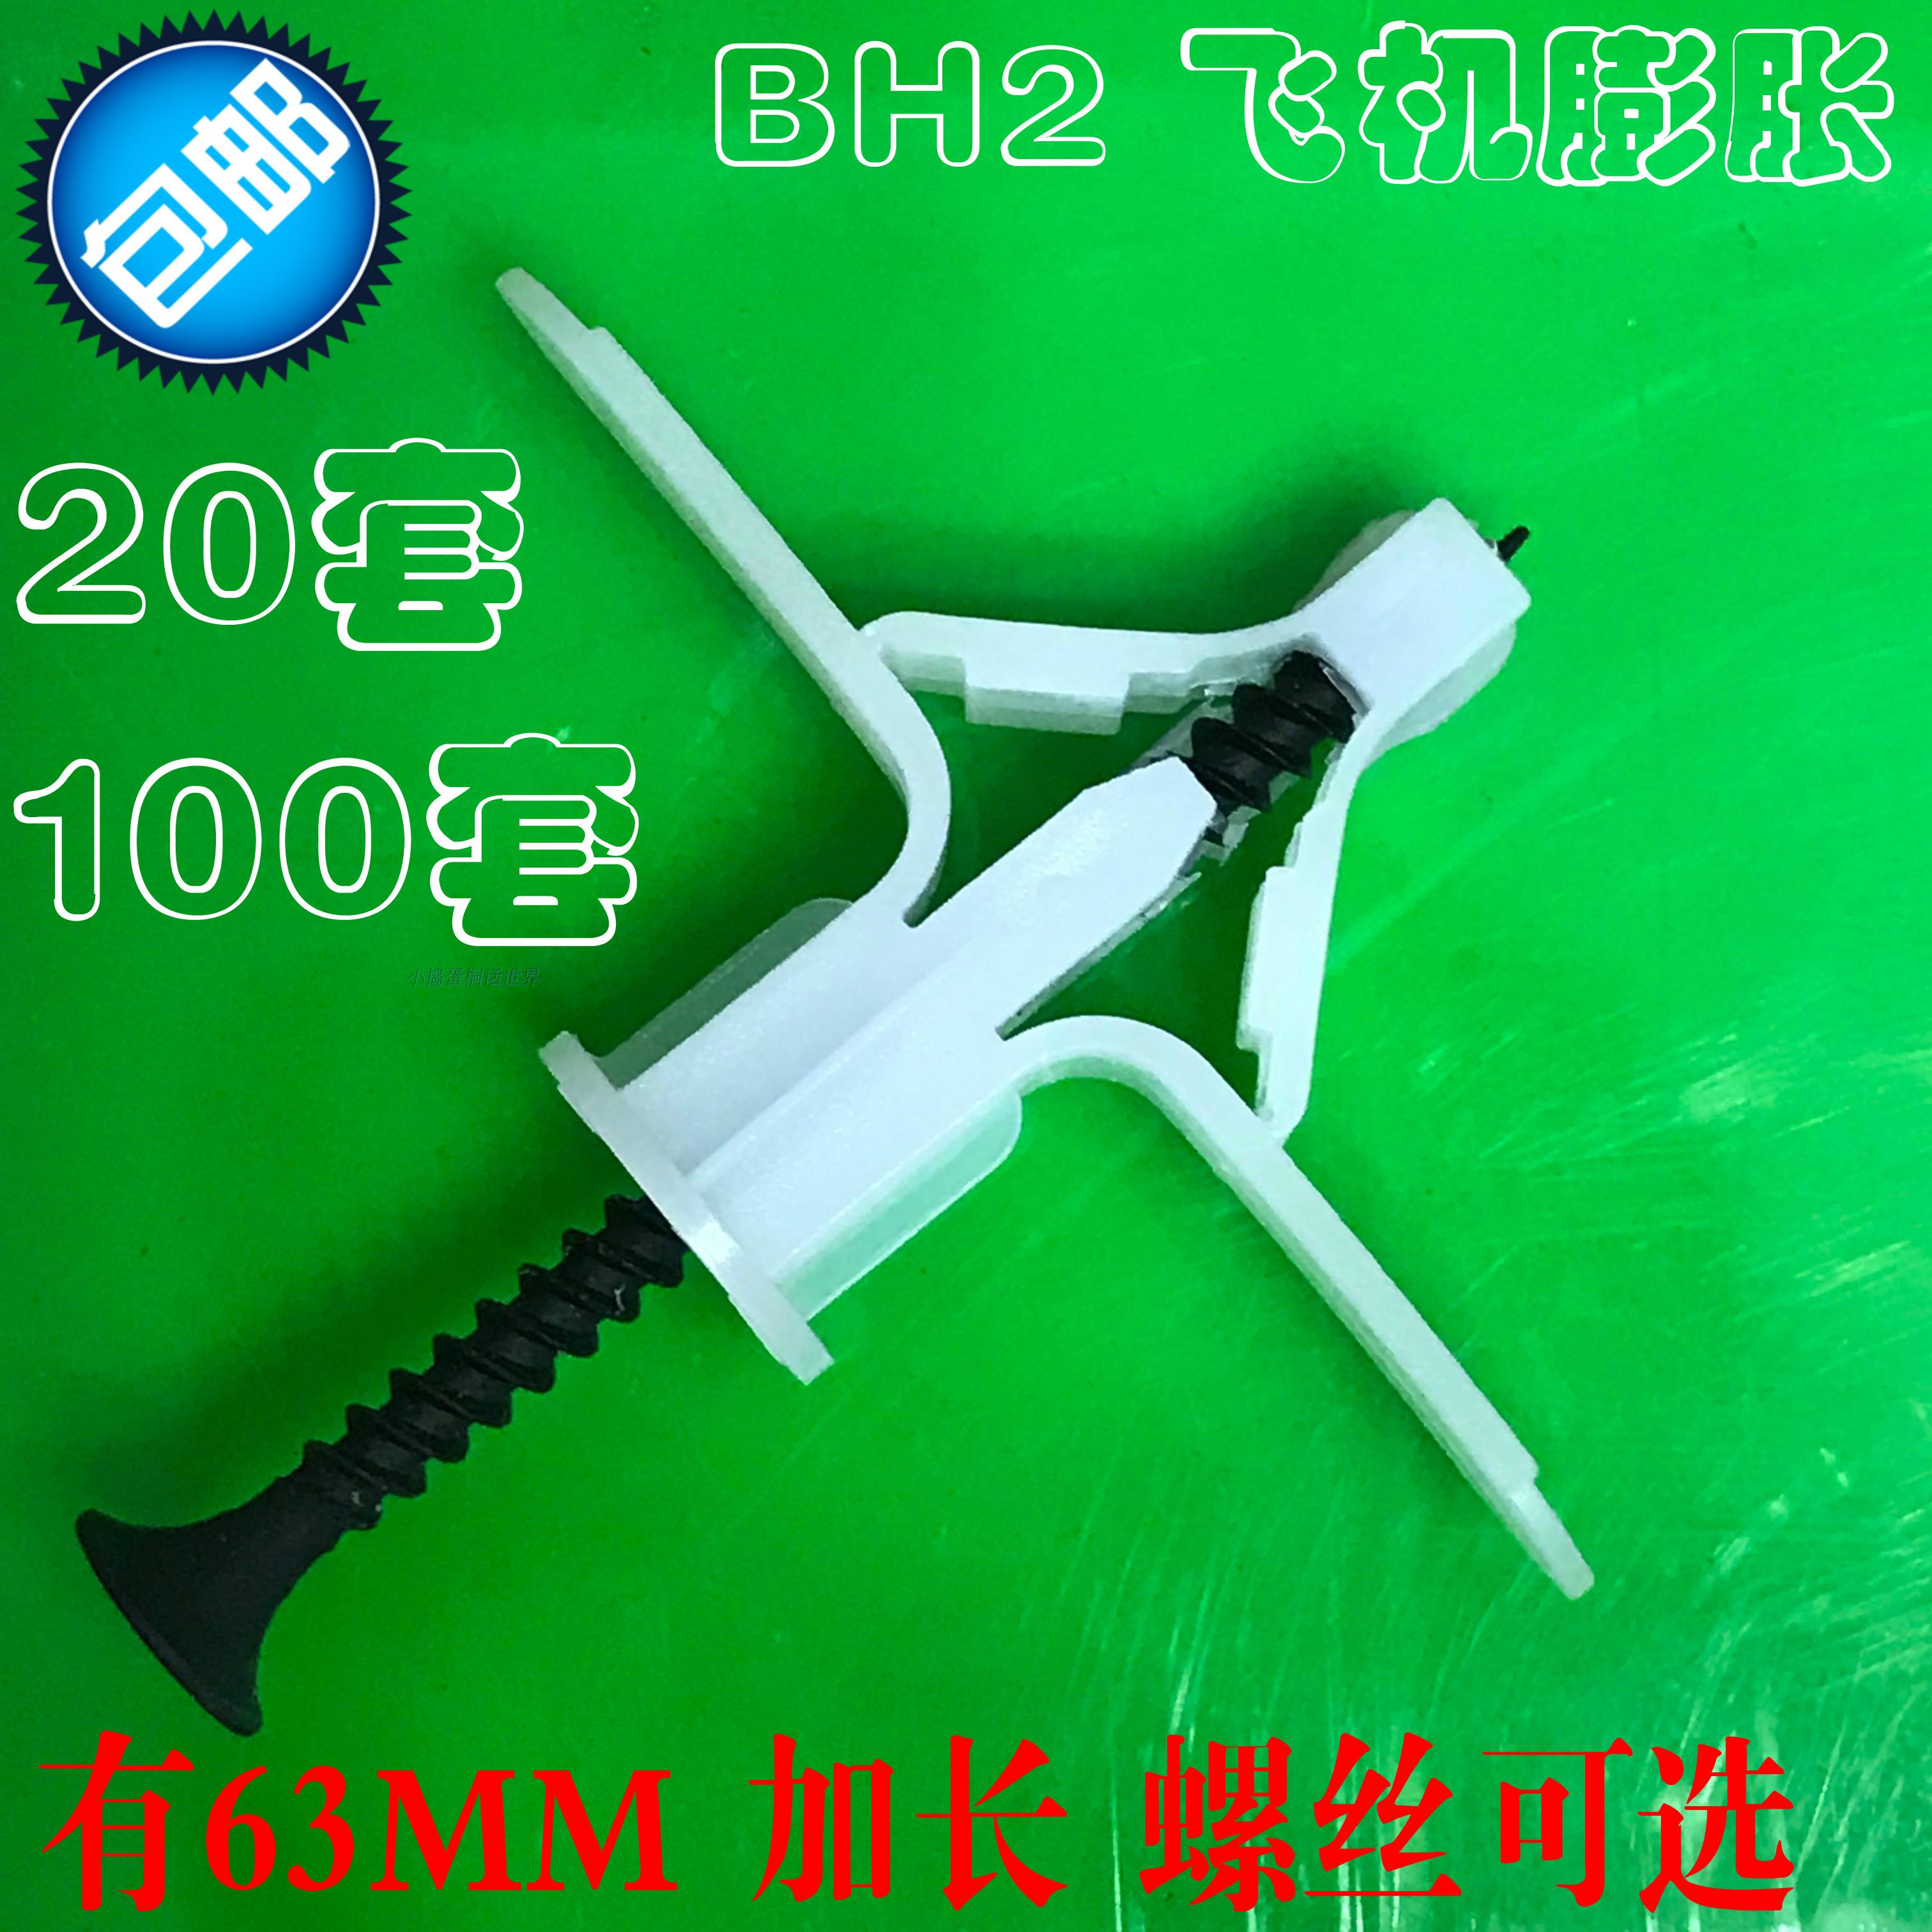 BH2 пластик самолет зыбь рост пробка зыбь пробка камень крем доска расширение винт трубка занавес полый стена зыбь